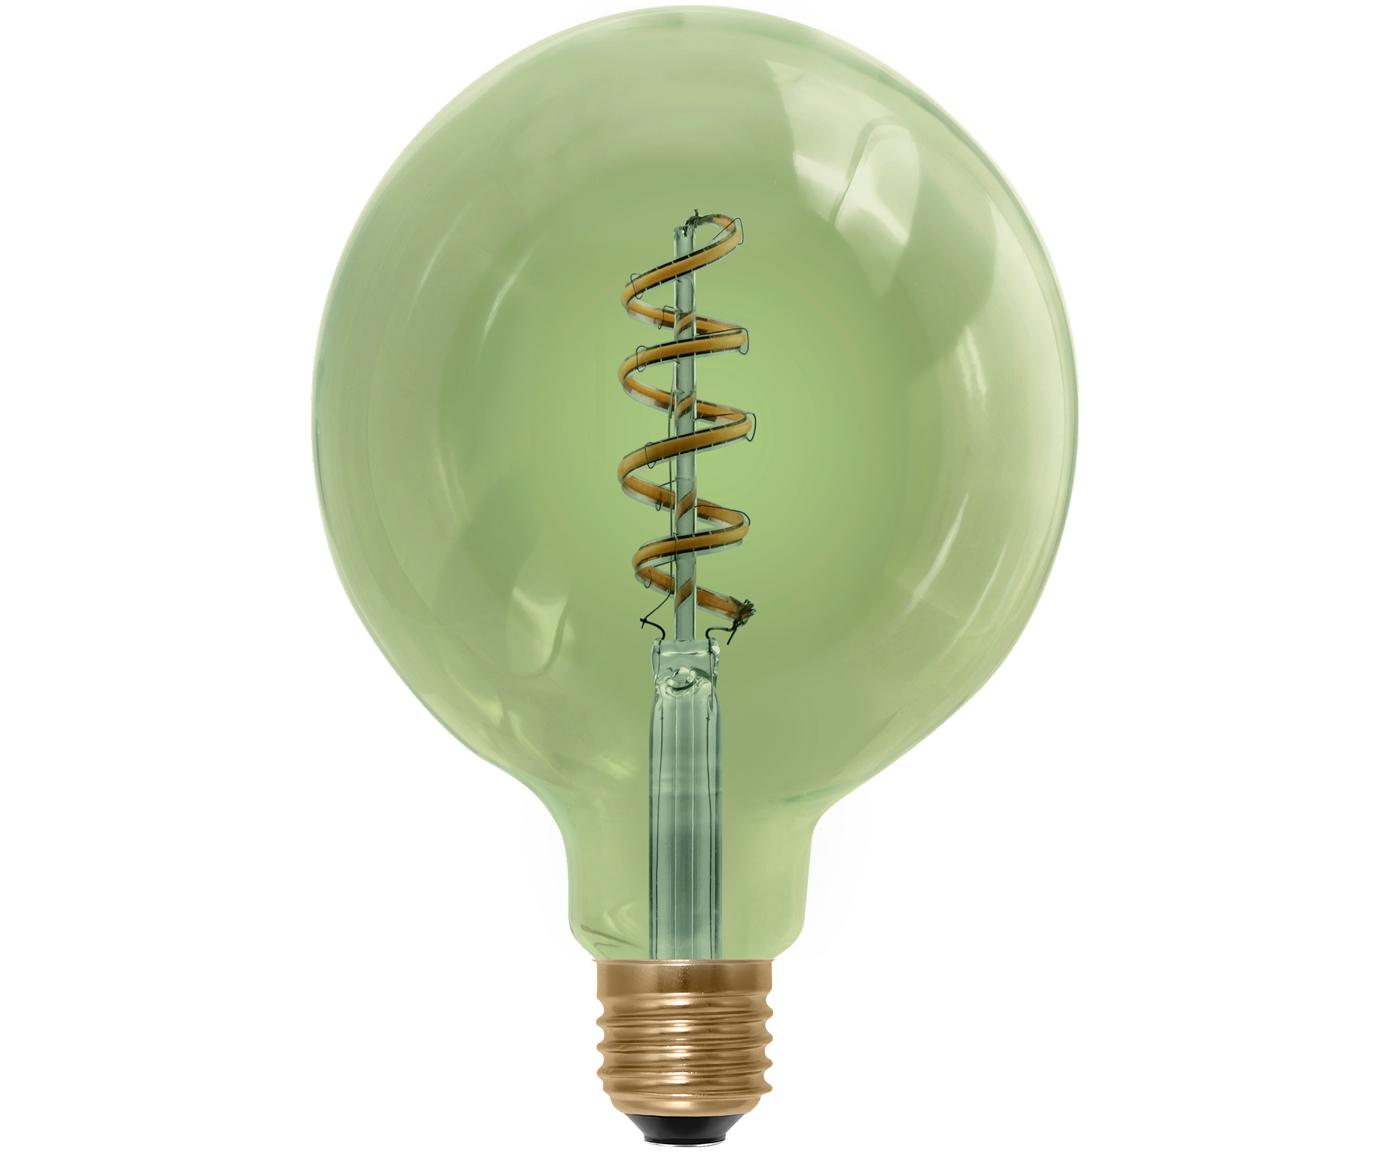 Duża żarówka LED Curved (E27/8 W), Szkło, aluminium, Zielony, Ø 13 x W 18 cm